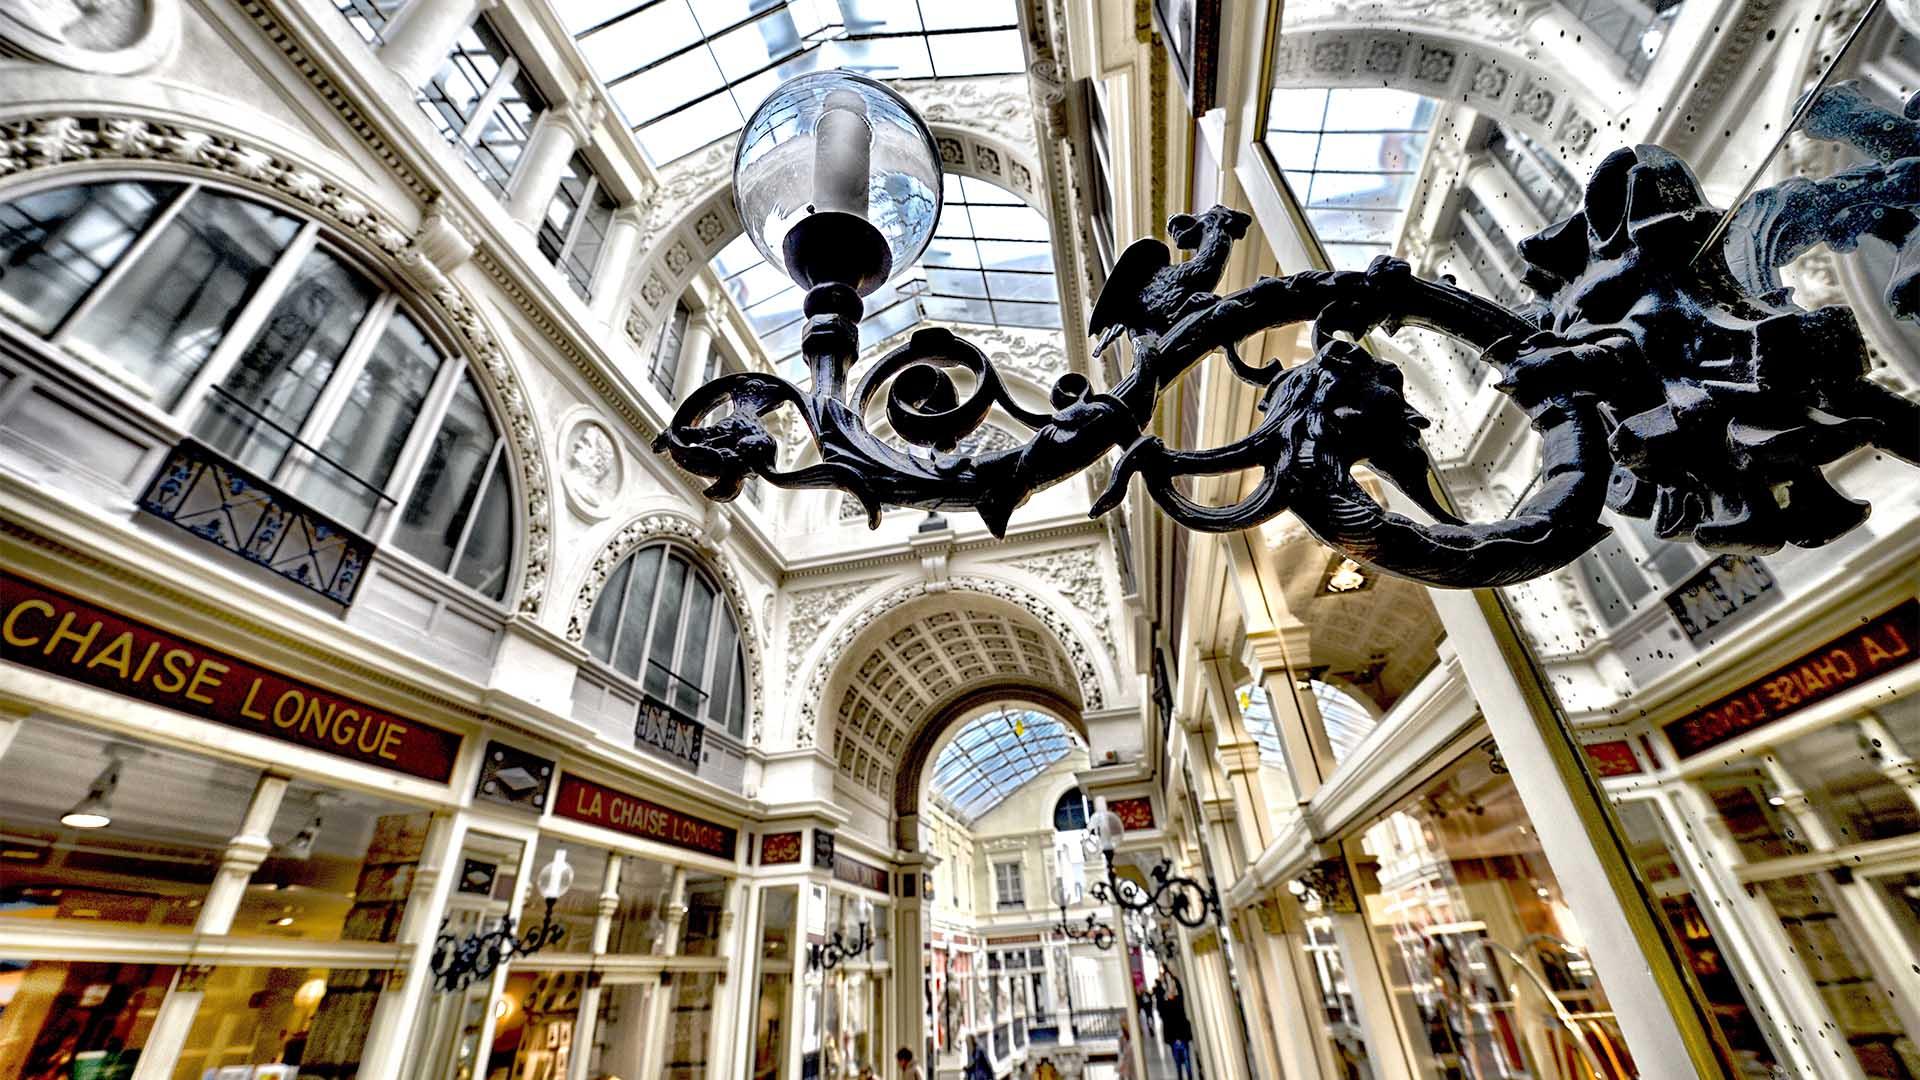 Ma Petite Chaise Nantes les incontournables du patrimoine nantais